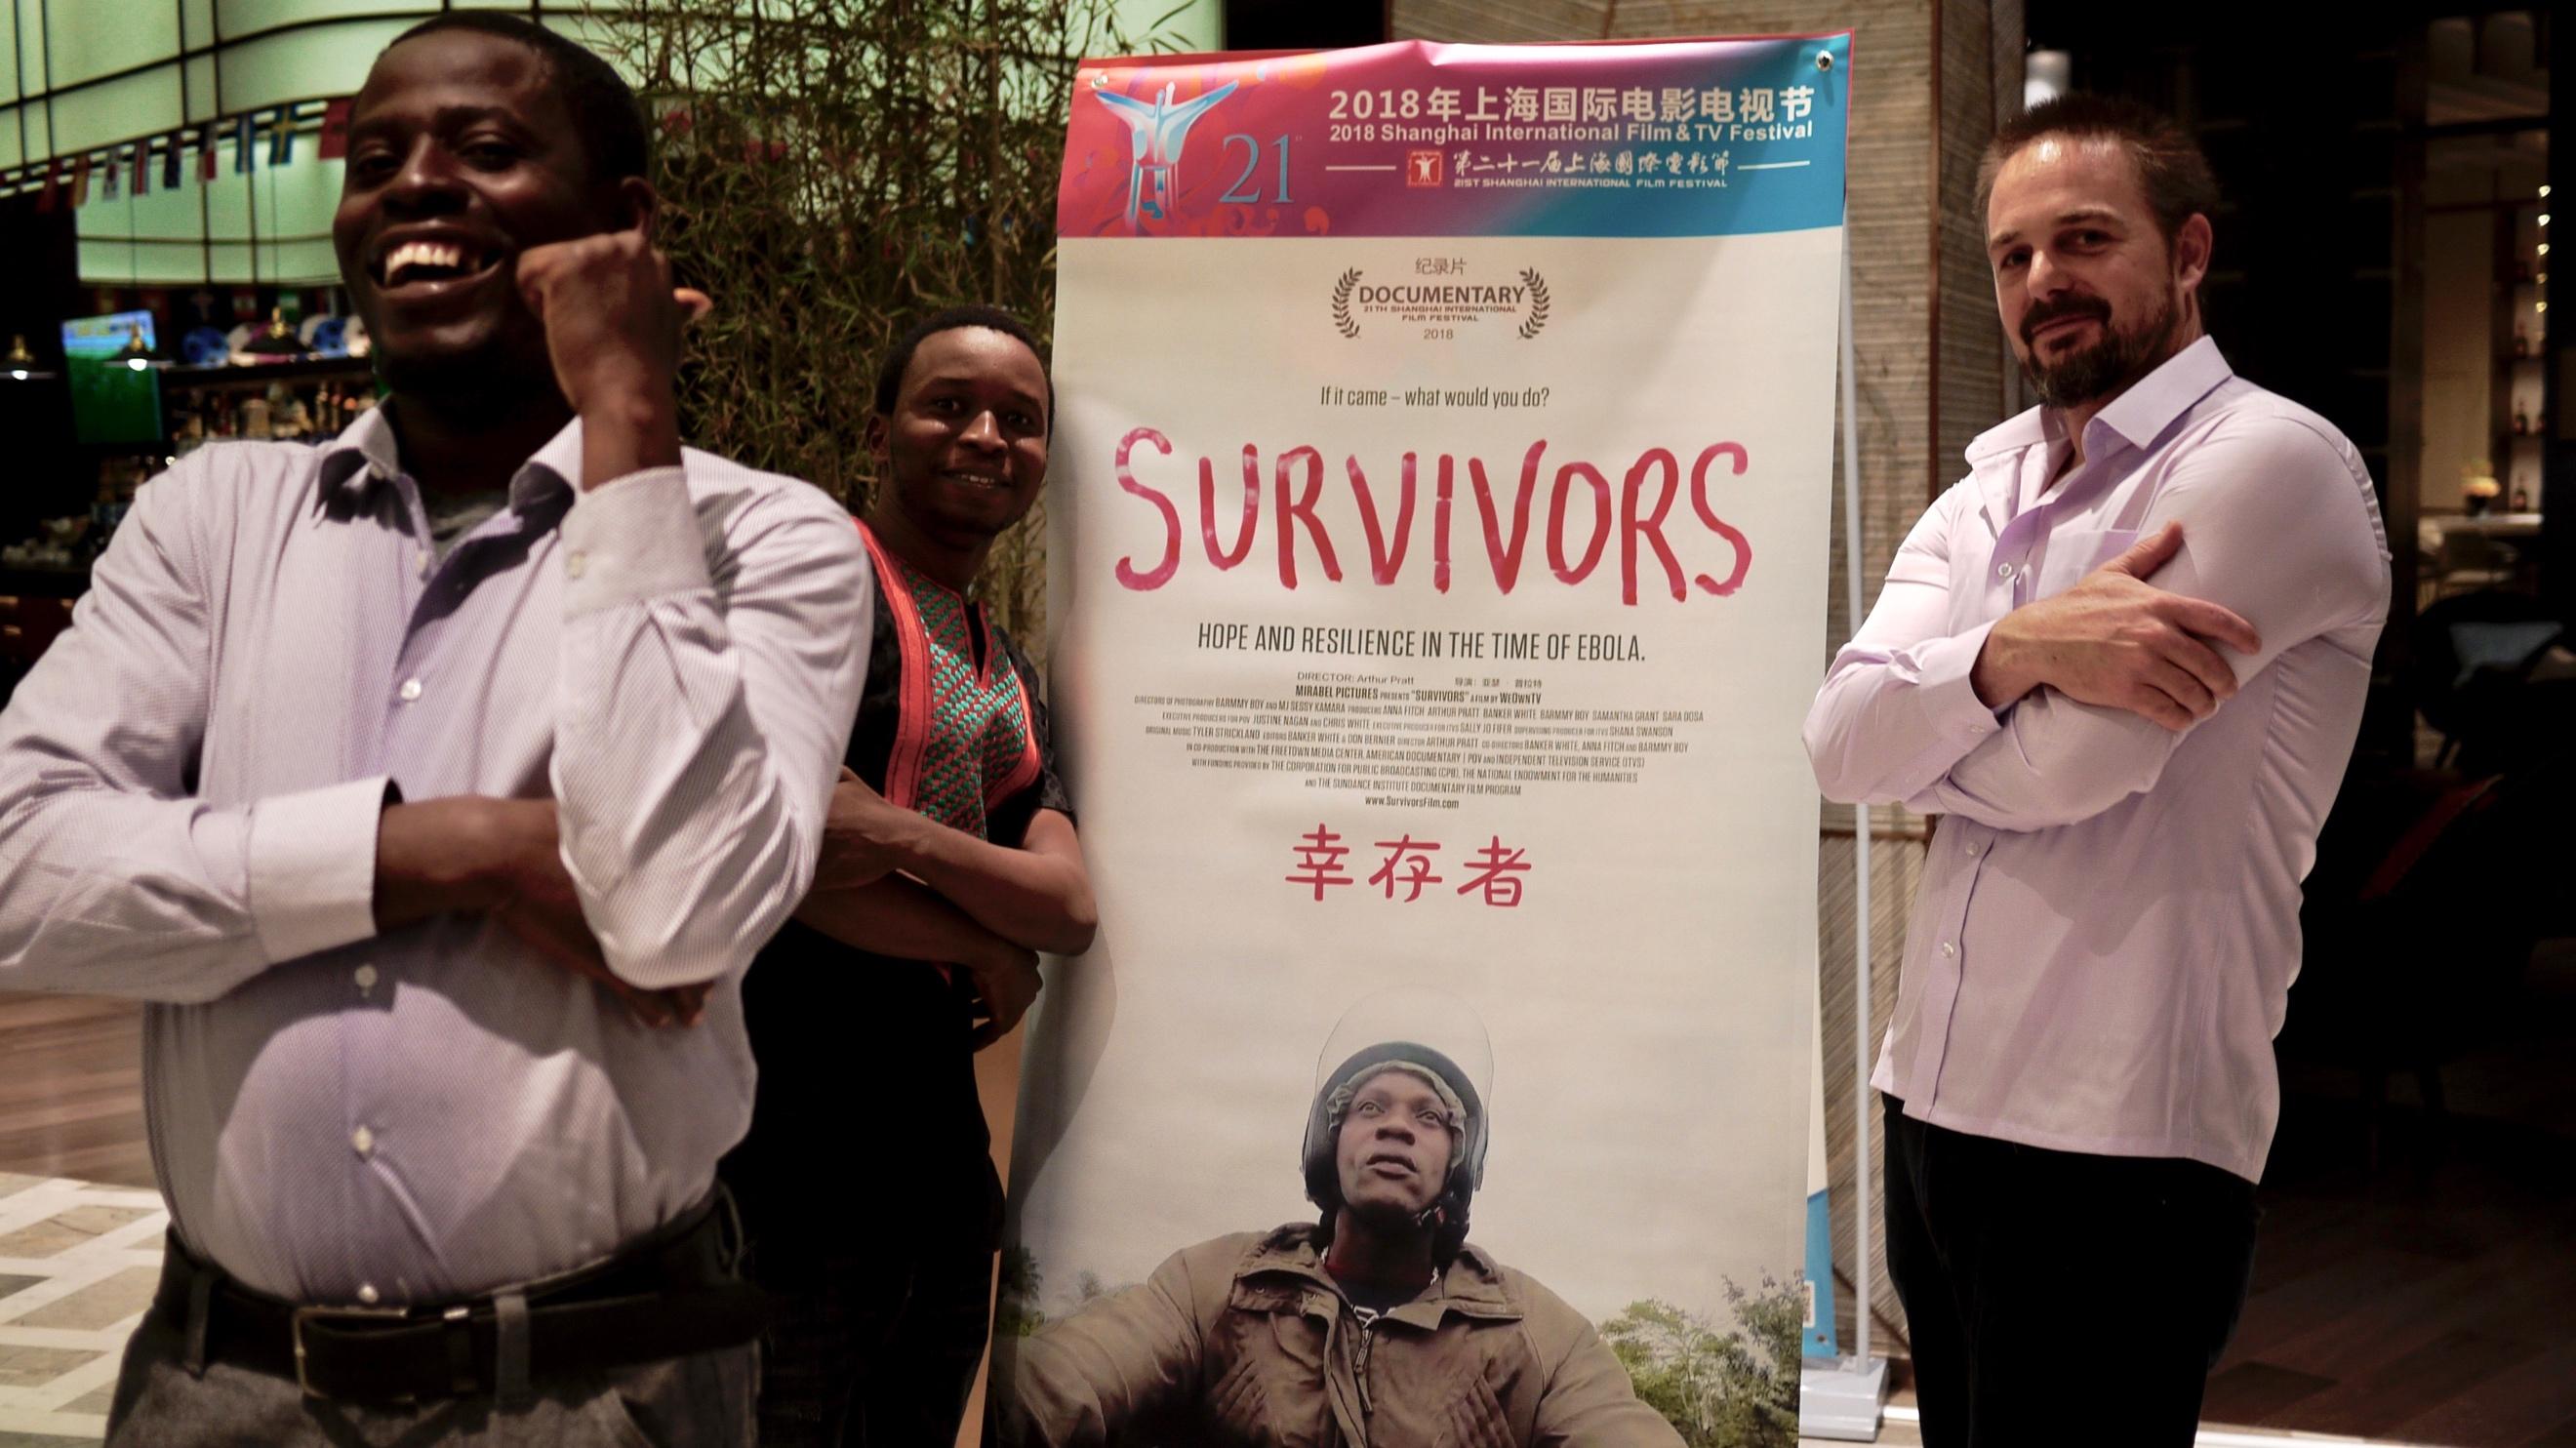 主创团队在上海国际电影节展映期间相符影